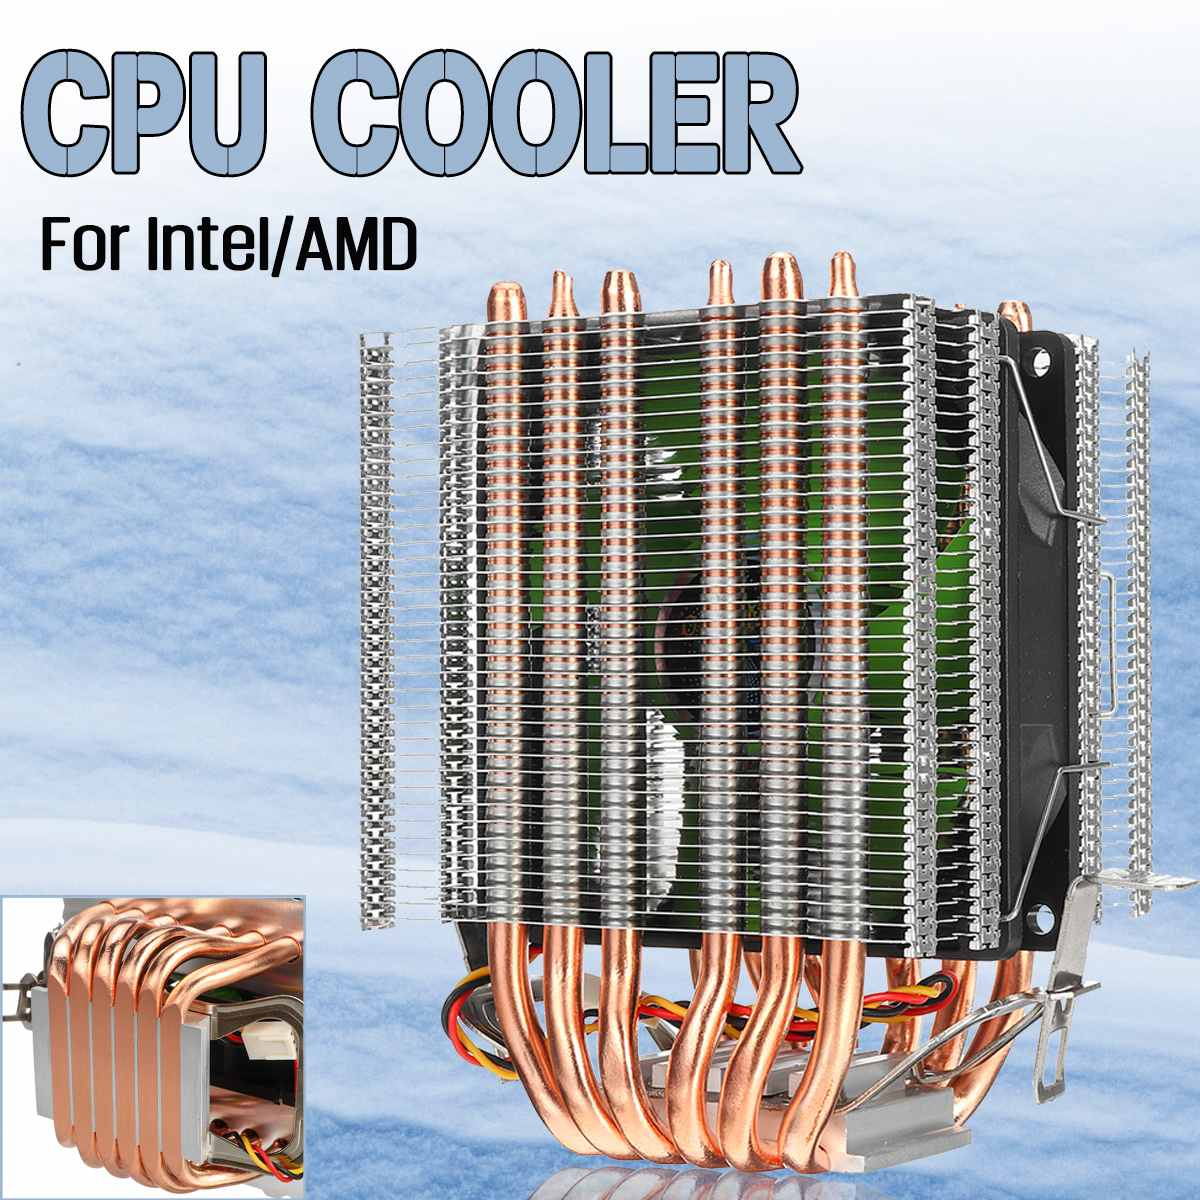 6 3 Pin Único Ventilador CPU Cooler Ventilador de Refrigeração Do Radiador Heatpipe Duplo Torre Cooler Ventilador Do Dissipador de Calor Para Intel LGA 1150/1151/1155 para AMD